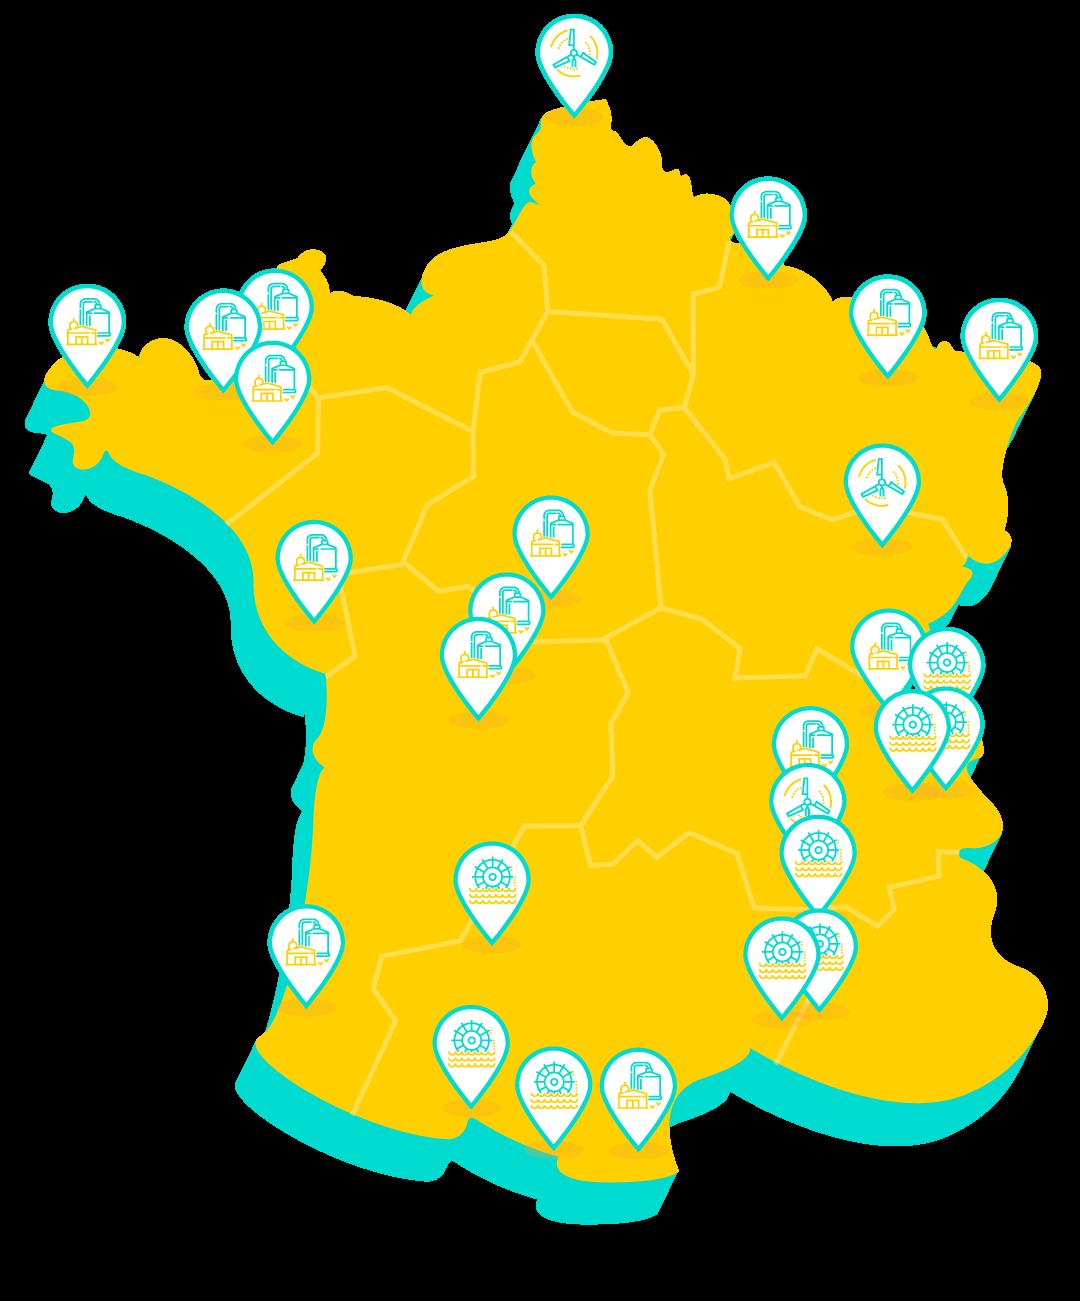 carte de france producteur d'energies renouvelable